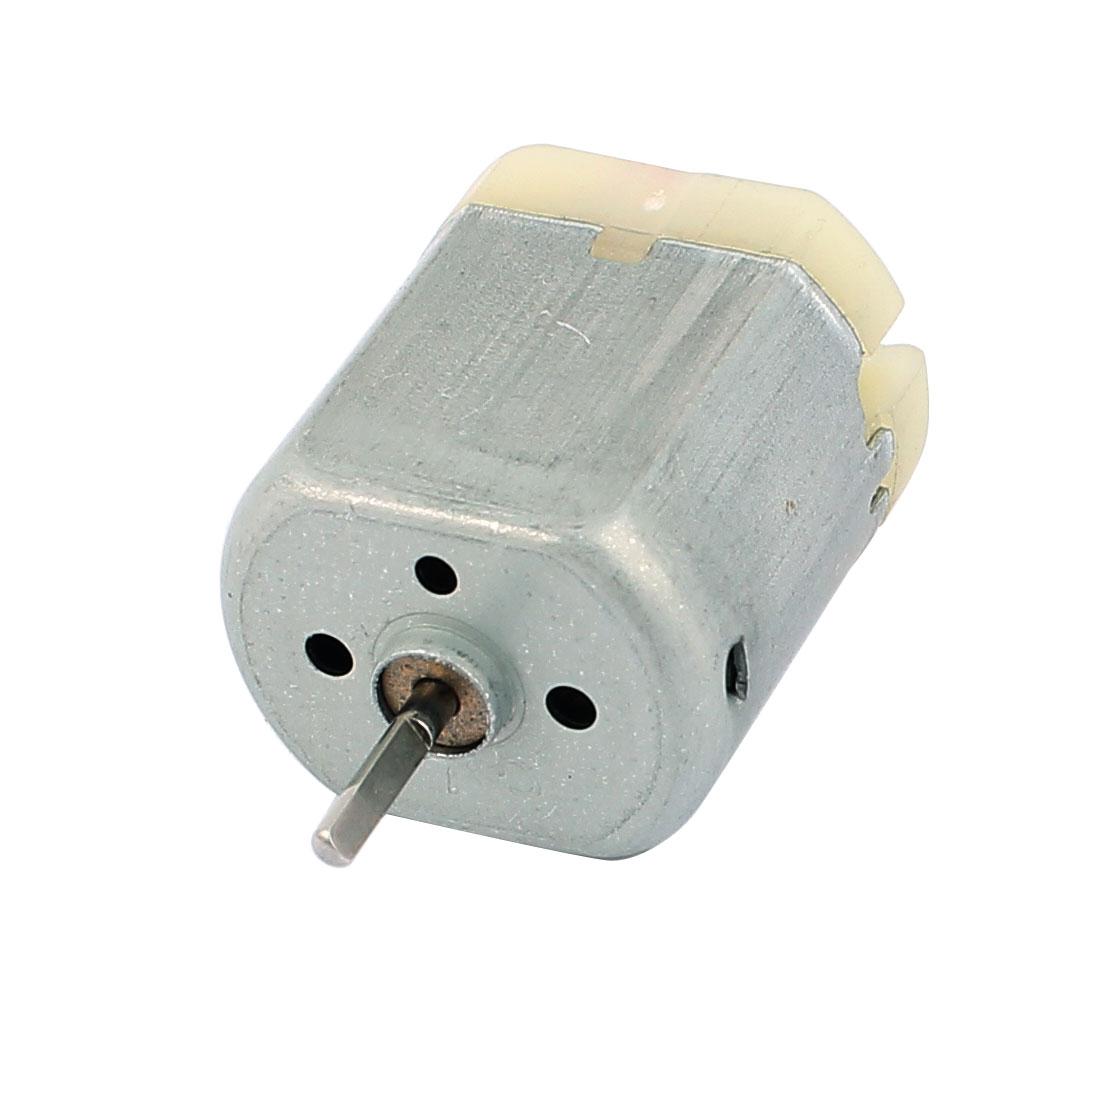 DC 3V-6V 2600RPM Mini Micro Motor for DIY RC Model Electric Car